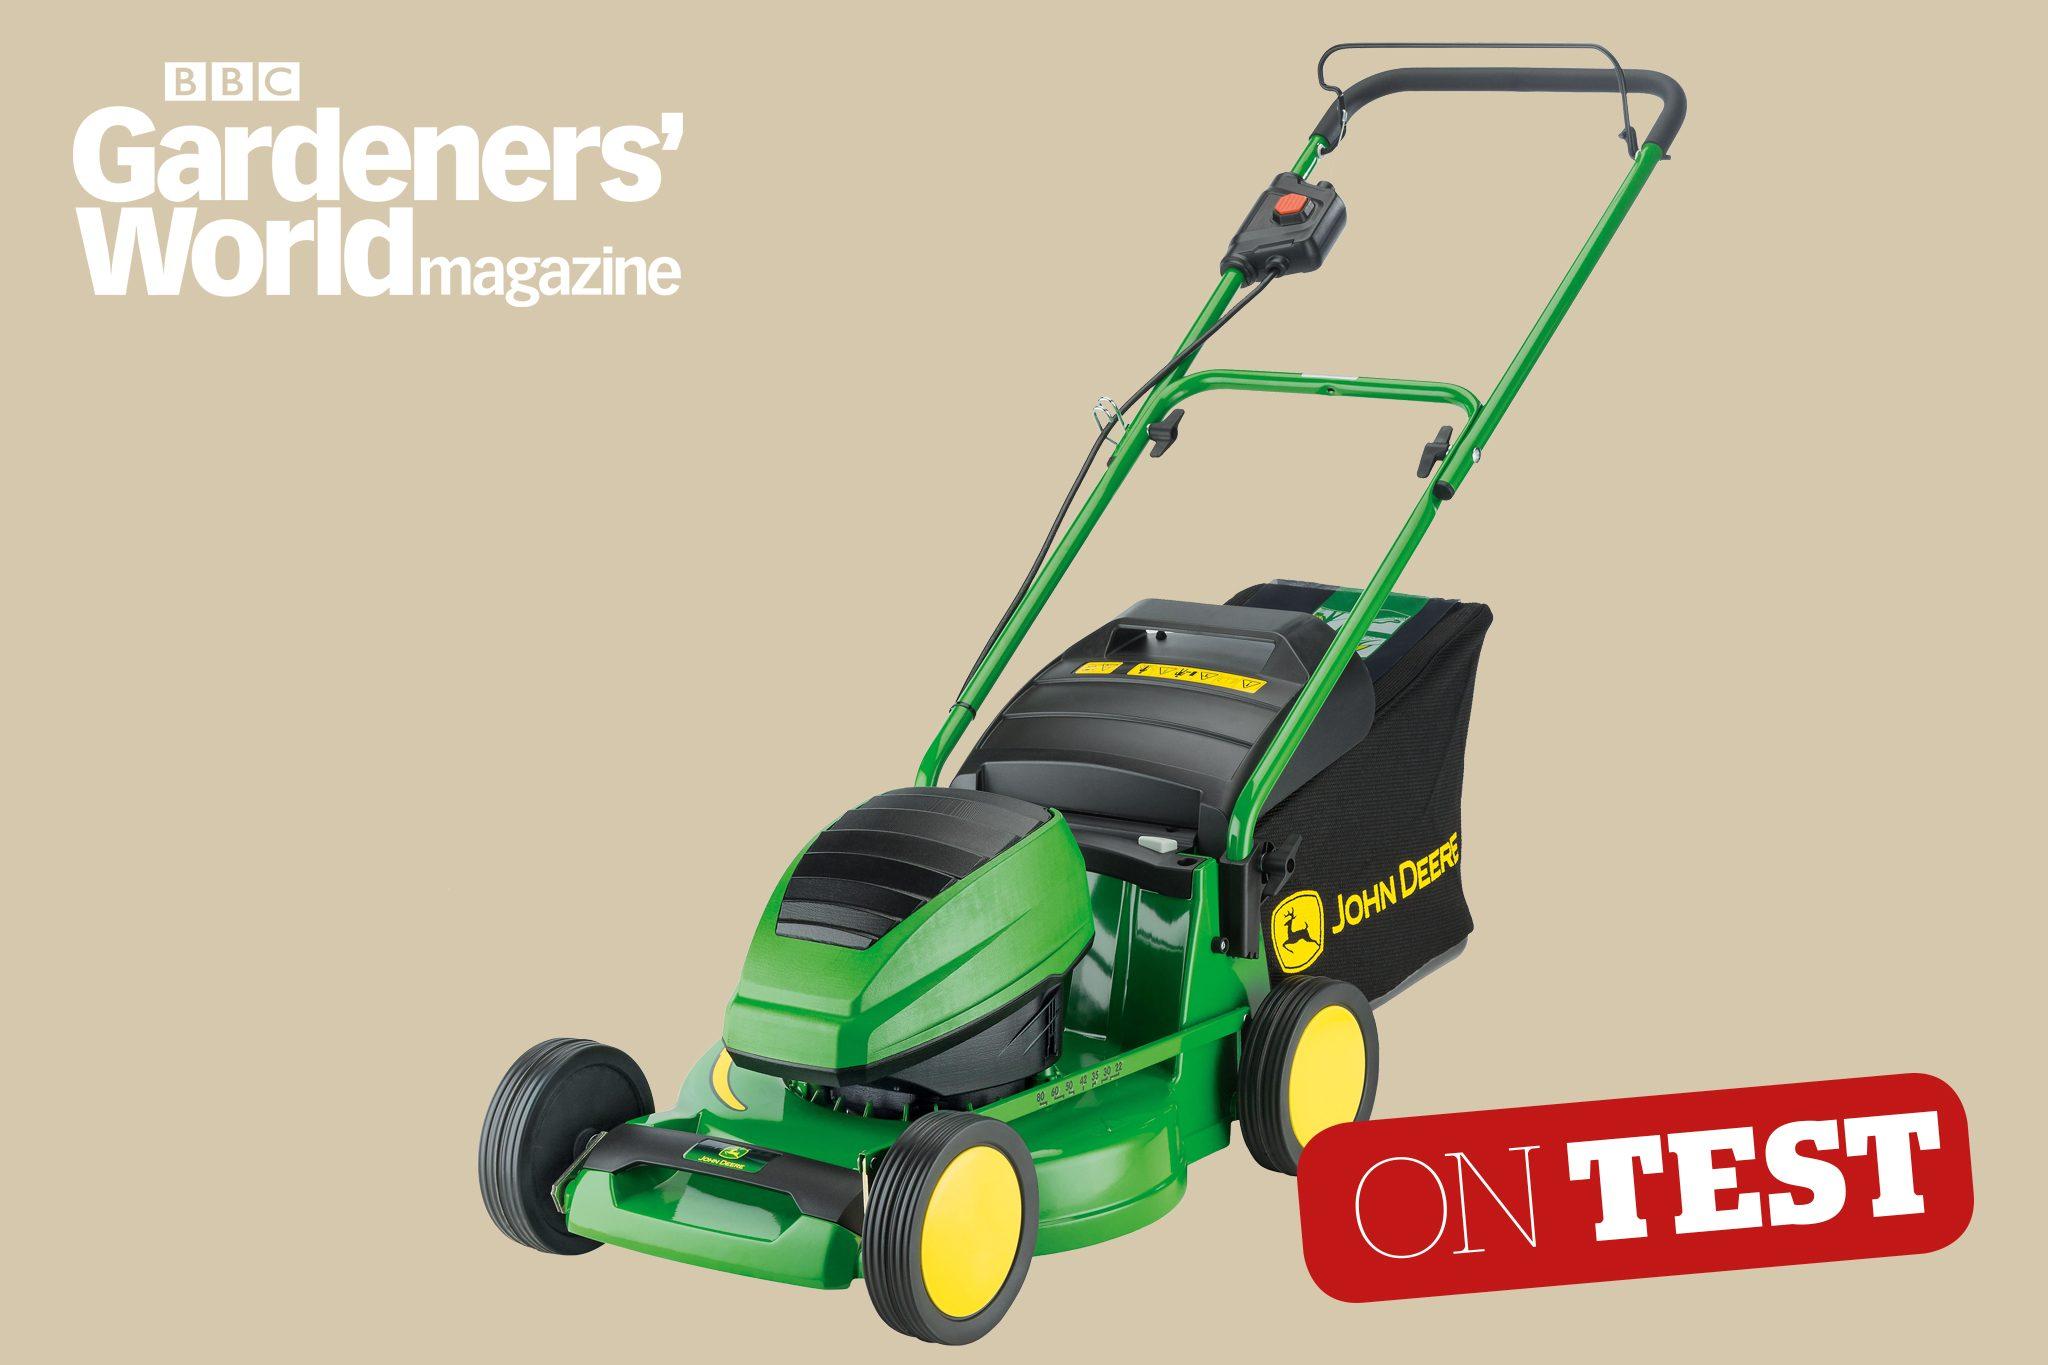 John Deere R43b Cordless Mower Review Cordless Mowers Lawn Mowers Bbc Gardeners World Magazine